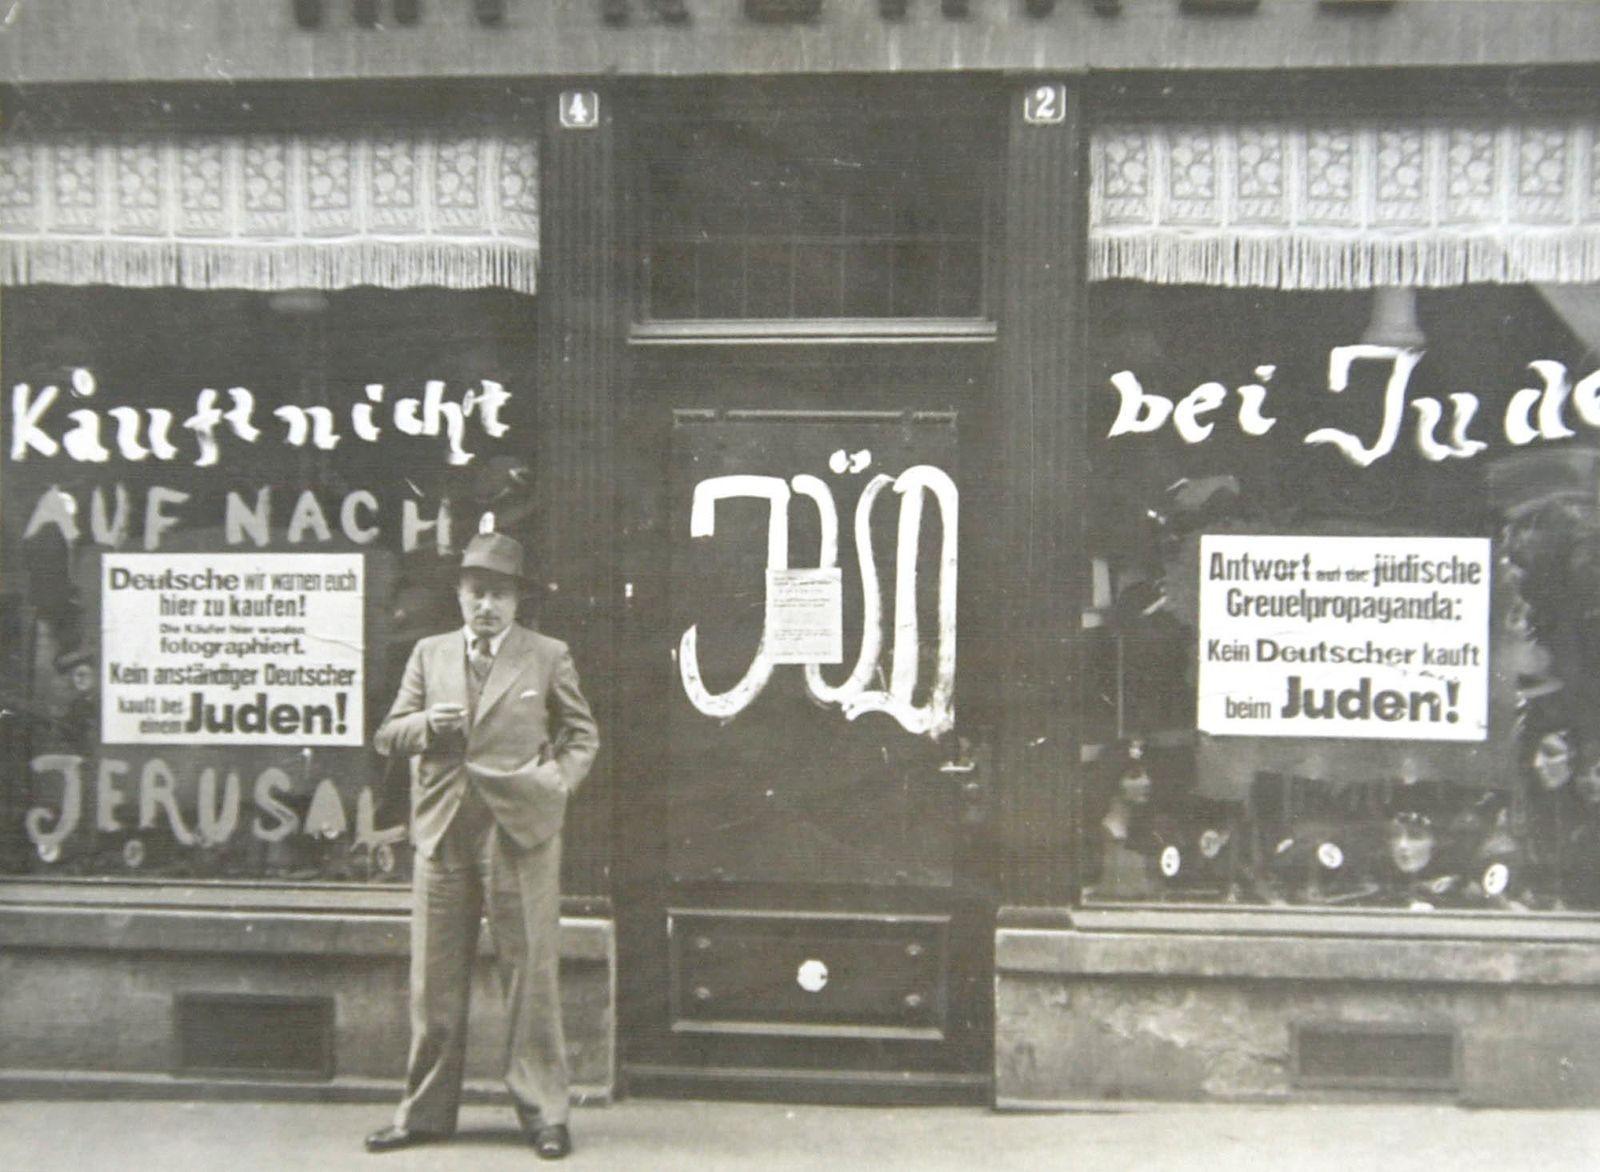 هيمرمان: لا مقارنة بين مقاطعة إسرائيل ومقاطعة متاجر اليهود عام 1934 (أ ب)